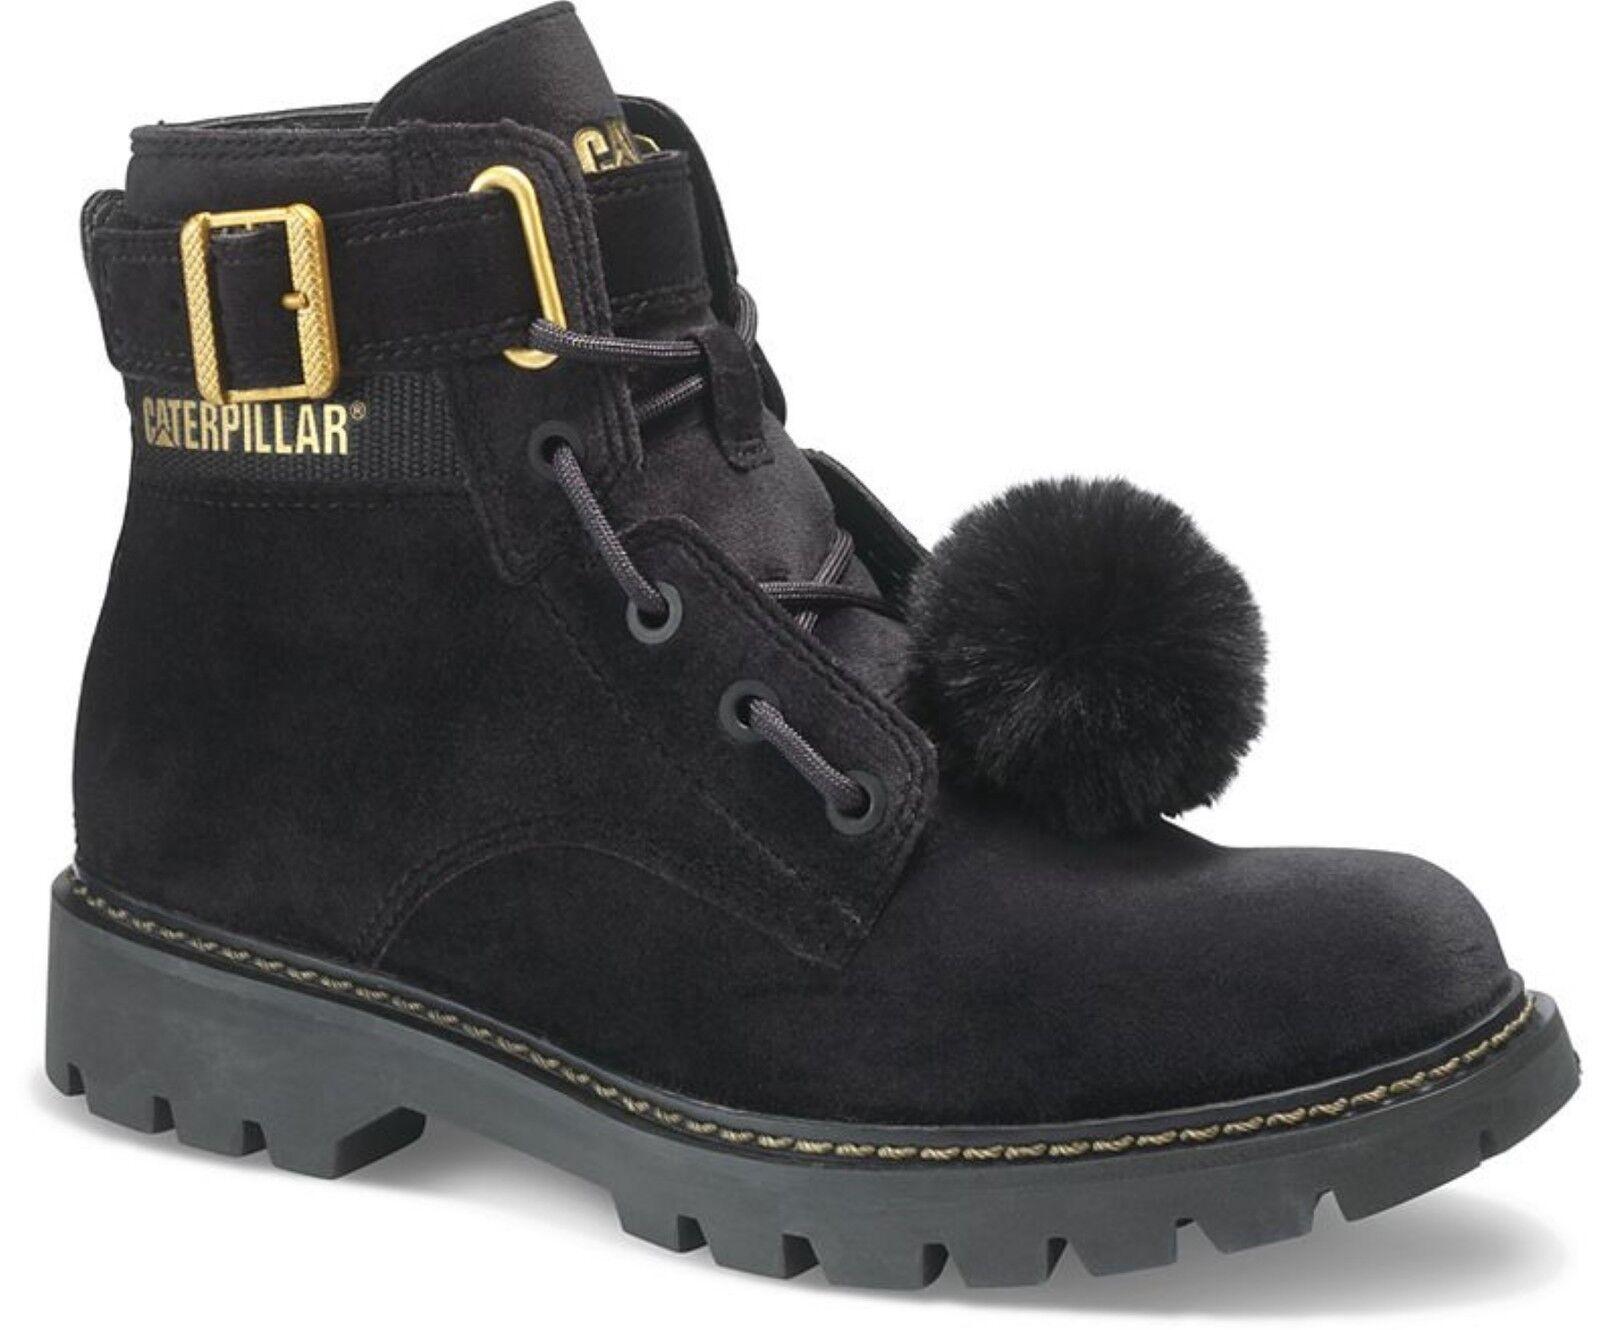 Caterpillar  Conversione Velvet Ladies nero Cushioned Durable Ankle stivali  è scontato